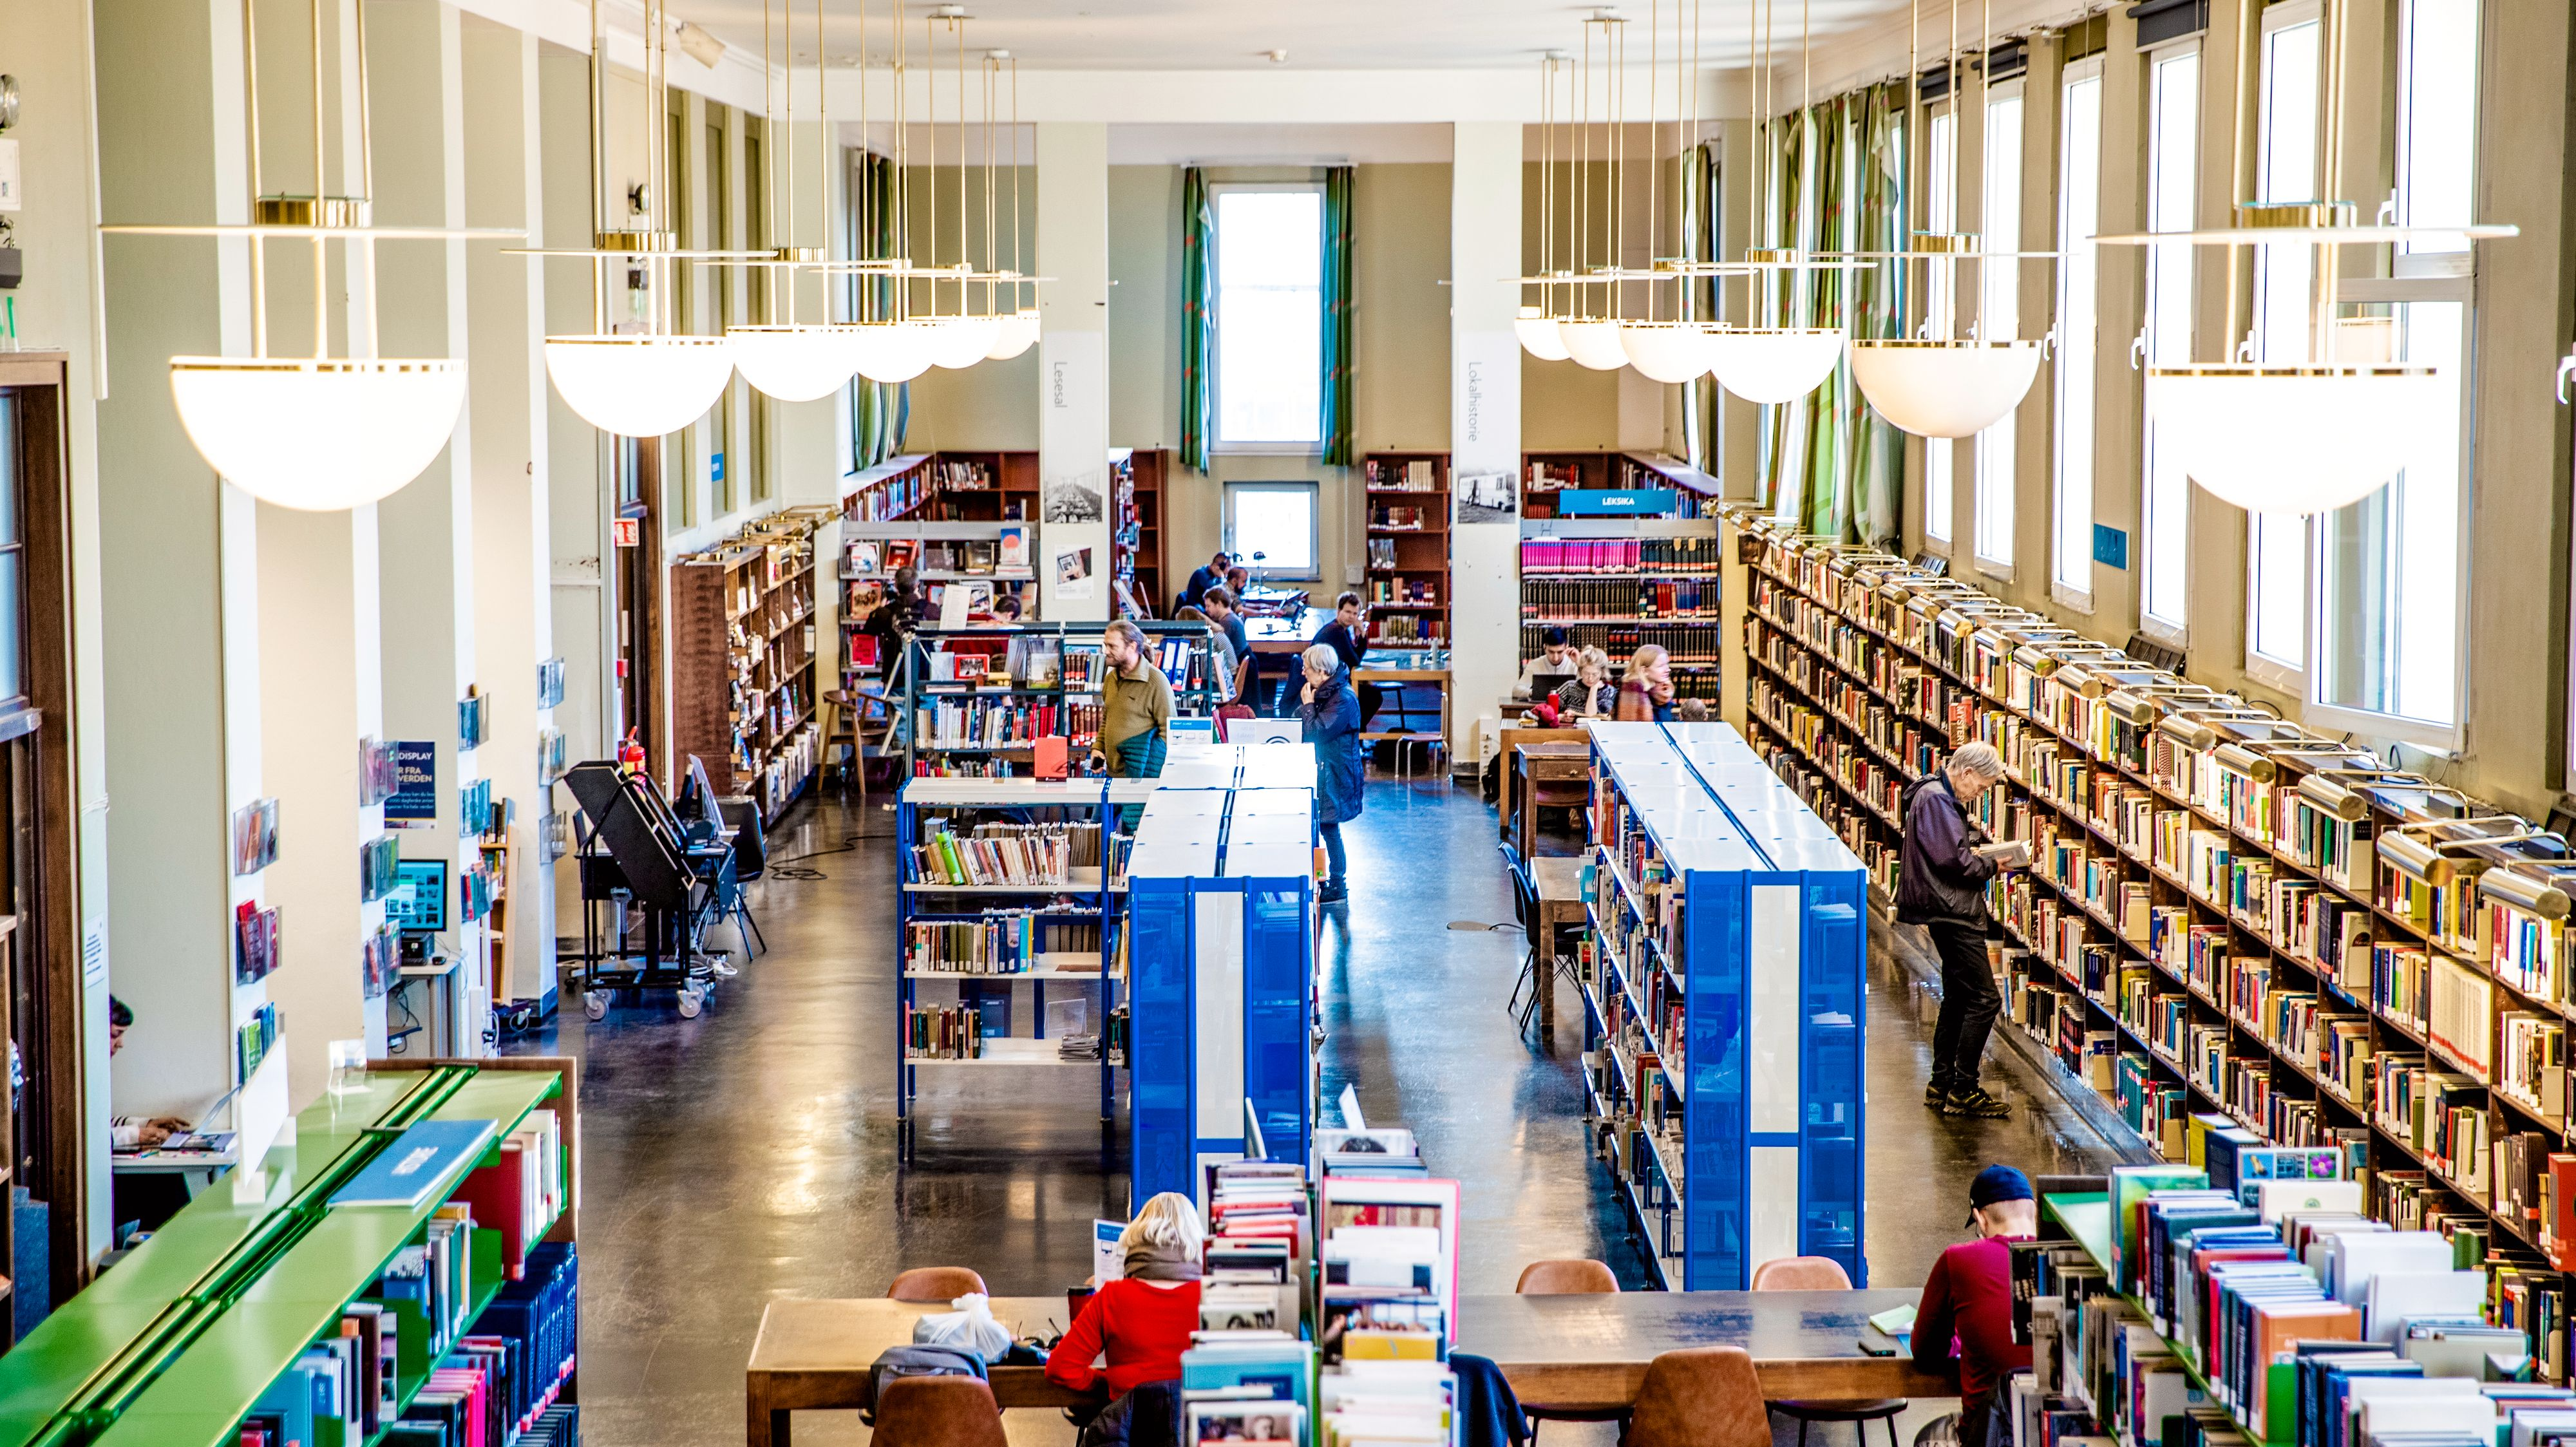 Flere bibliotek er med i en ny strømmetjeneste for film som tilbys brukerne gratis. Her fra gamle Deichmanske bibliotek i Oslo.